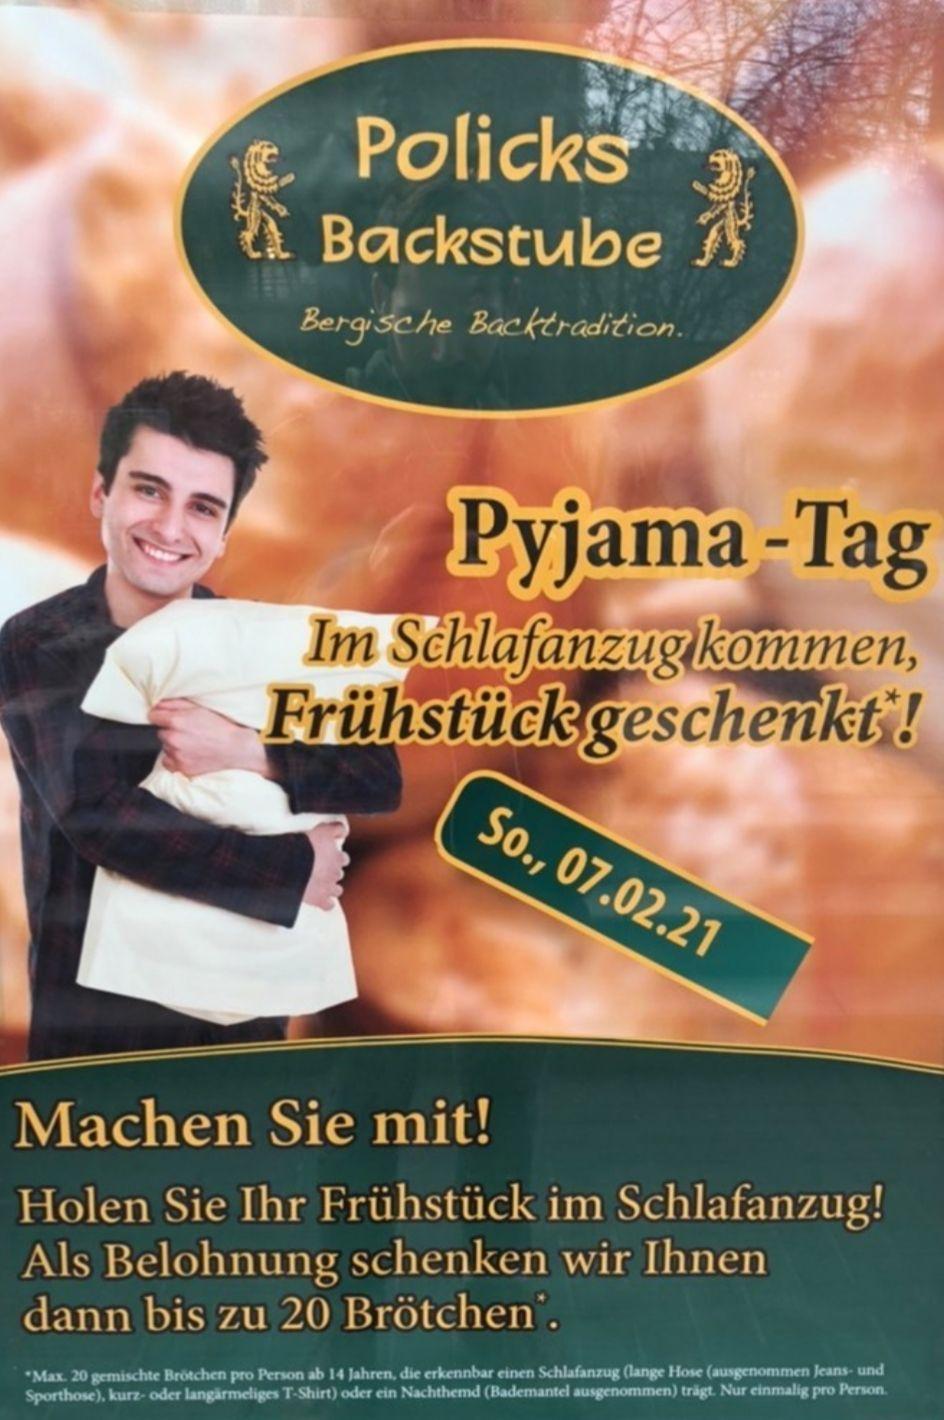 [Lokal Wuppertal] 20 Brötchen beim Bäcker kostenlos (Bedingung: Schlafanzug) - freebee